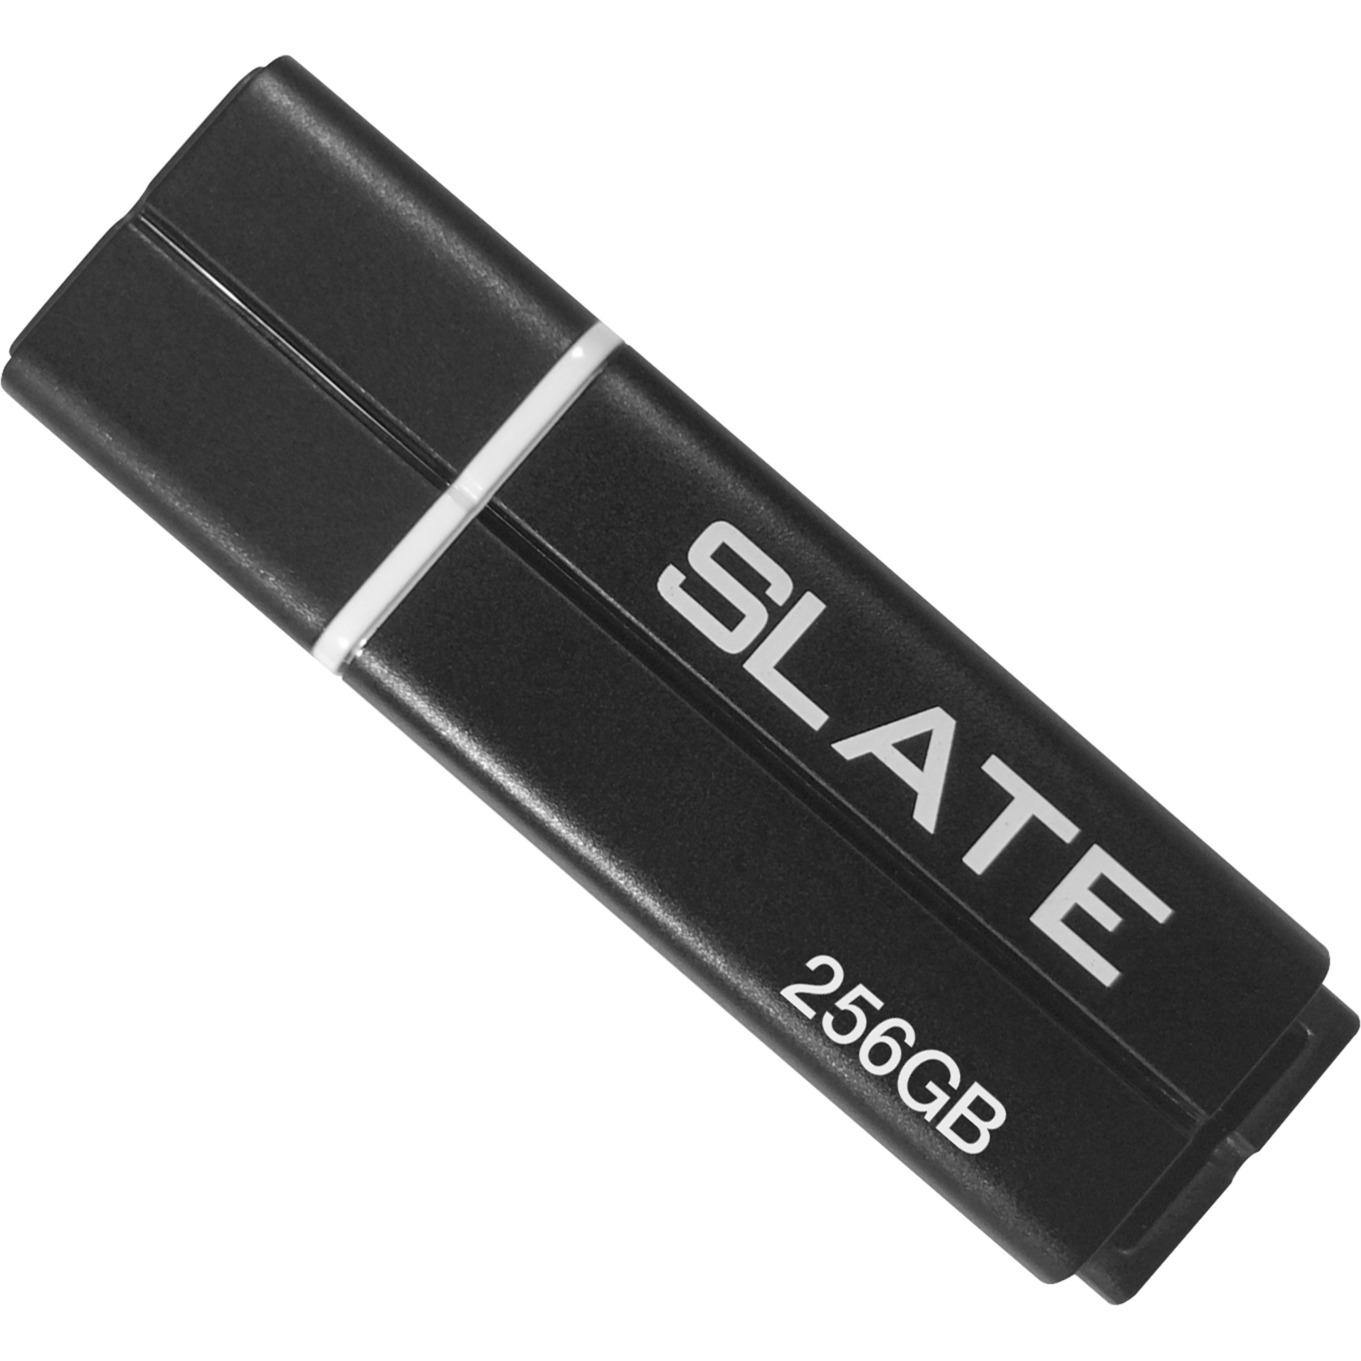 256GB unidad flash USB USB tipo A 3.0 (3.1 Gen 1) Negro, Lápiz USB